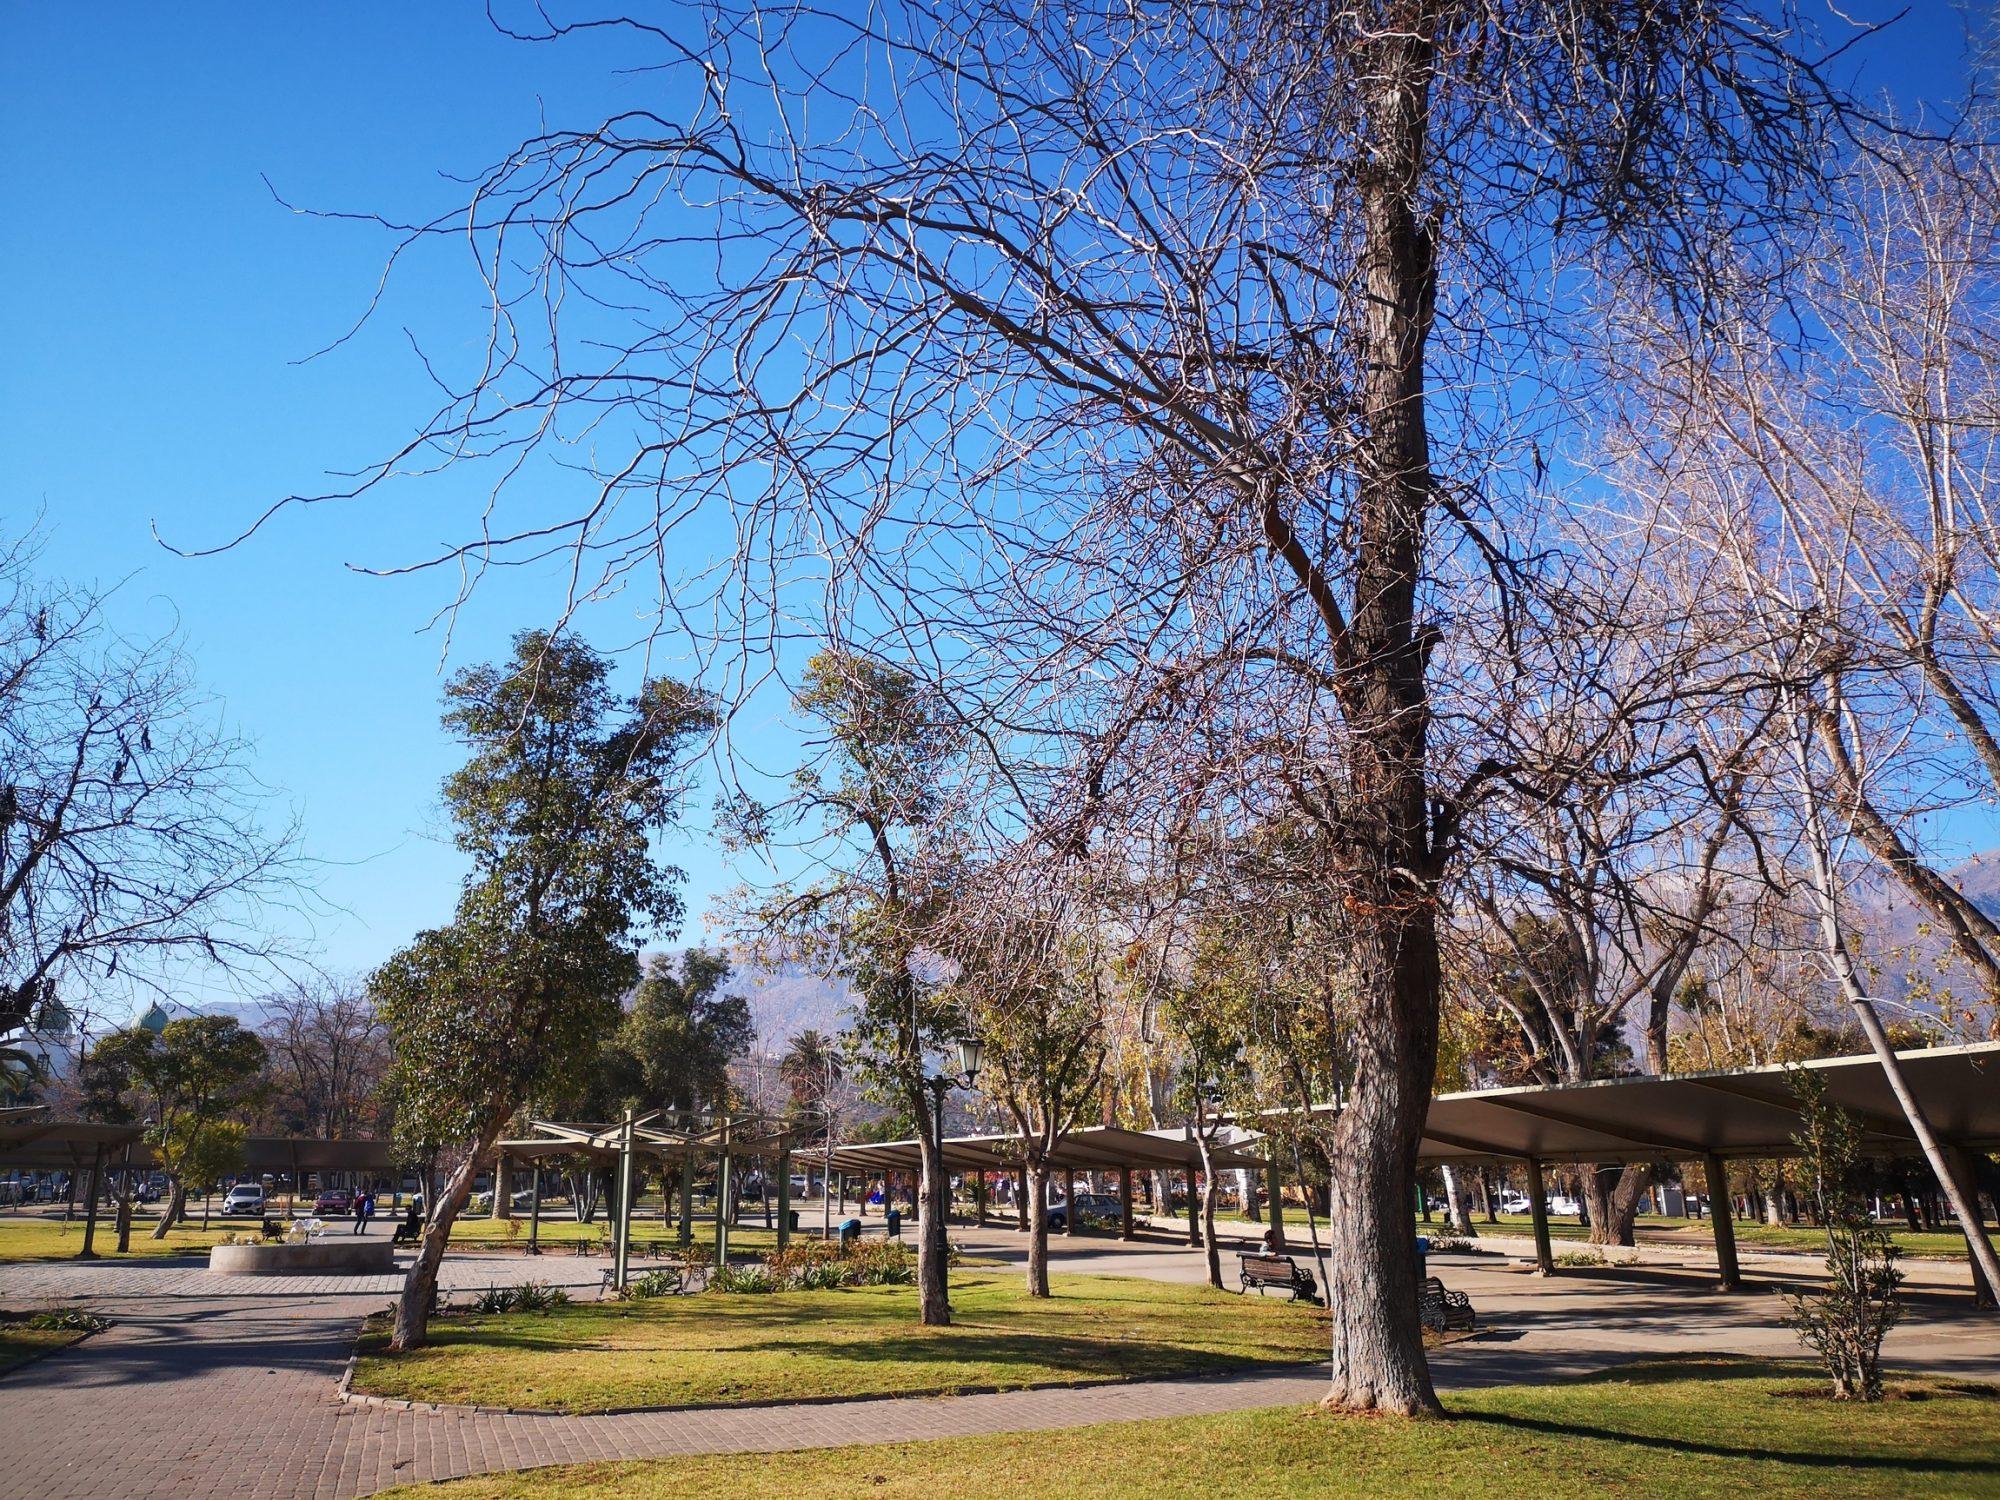 Conseils pour bien prendre soins des arbres